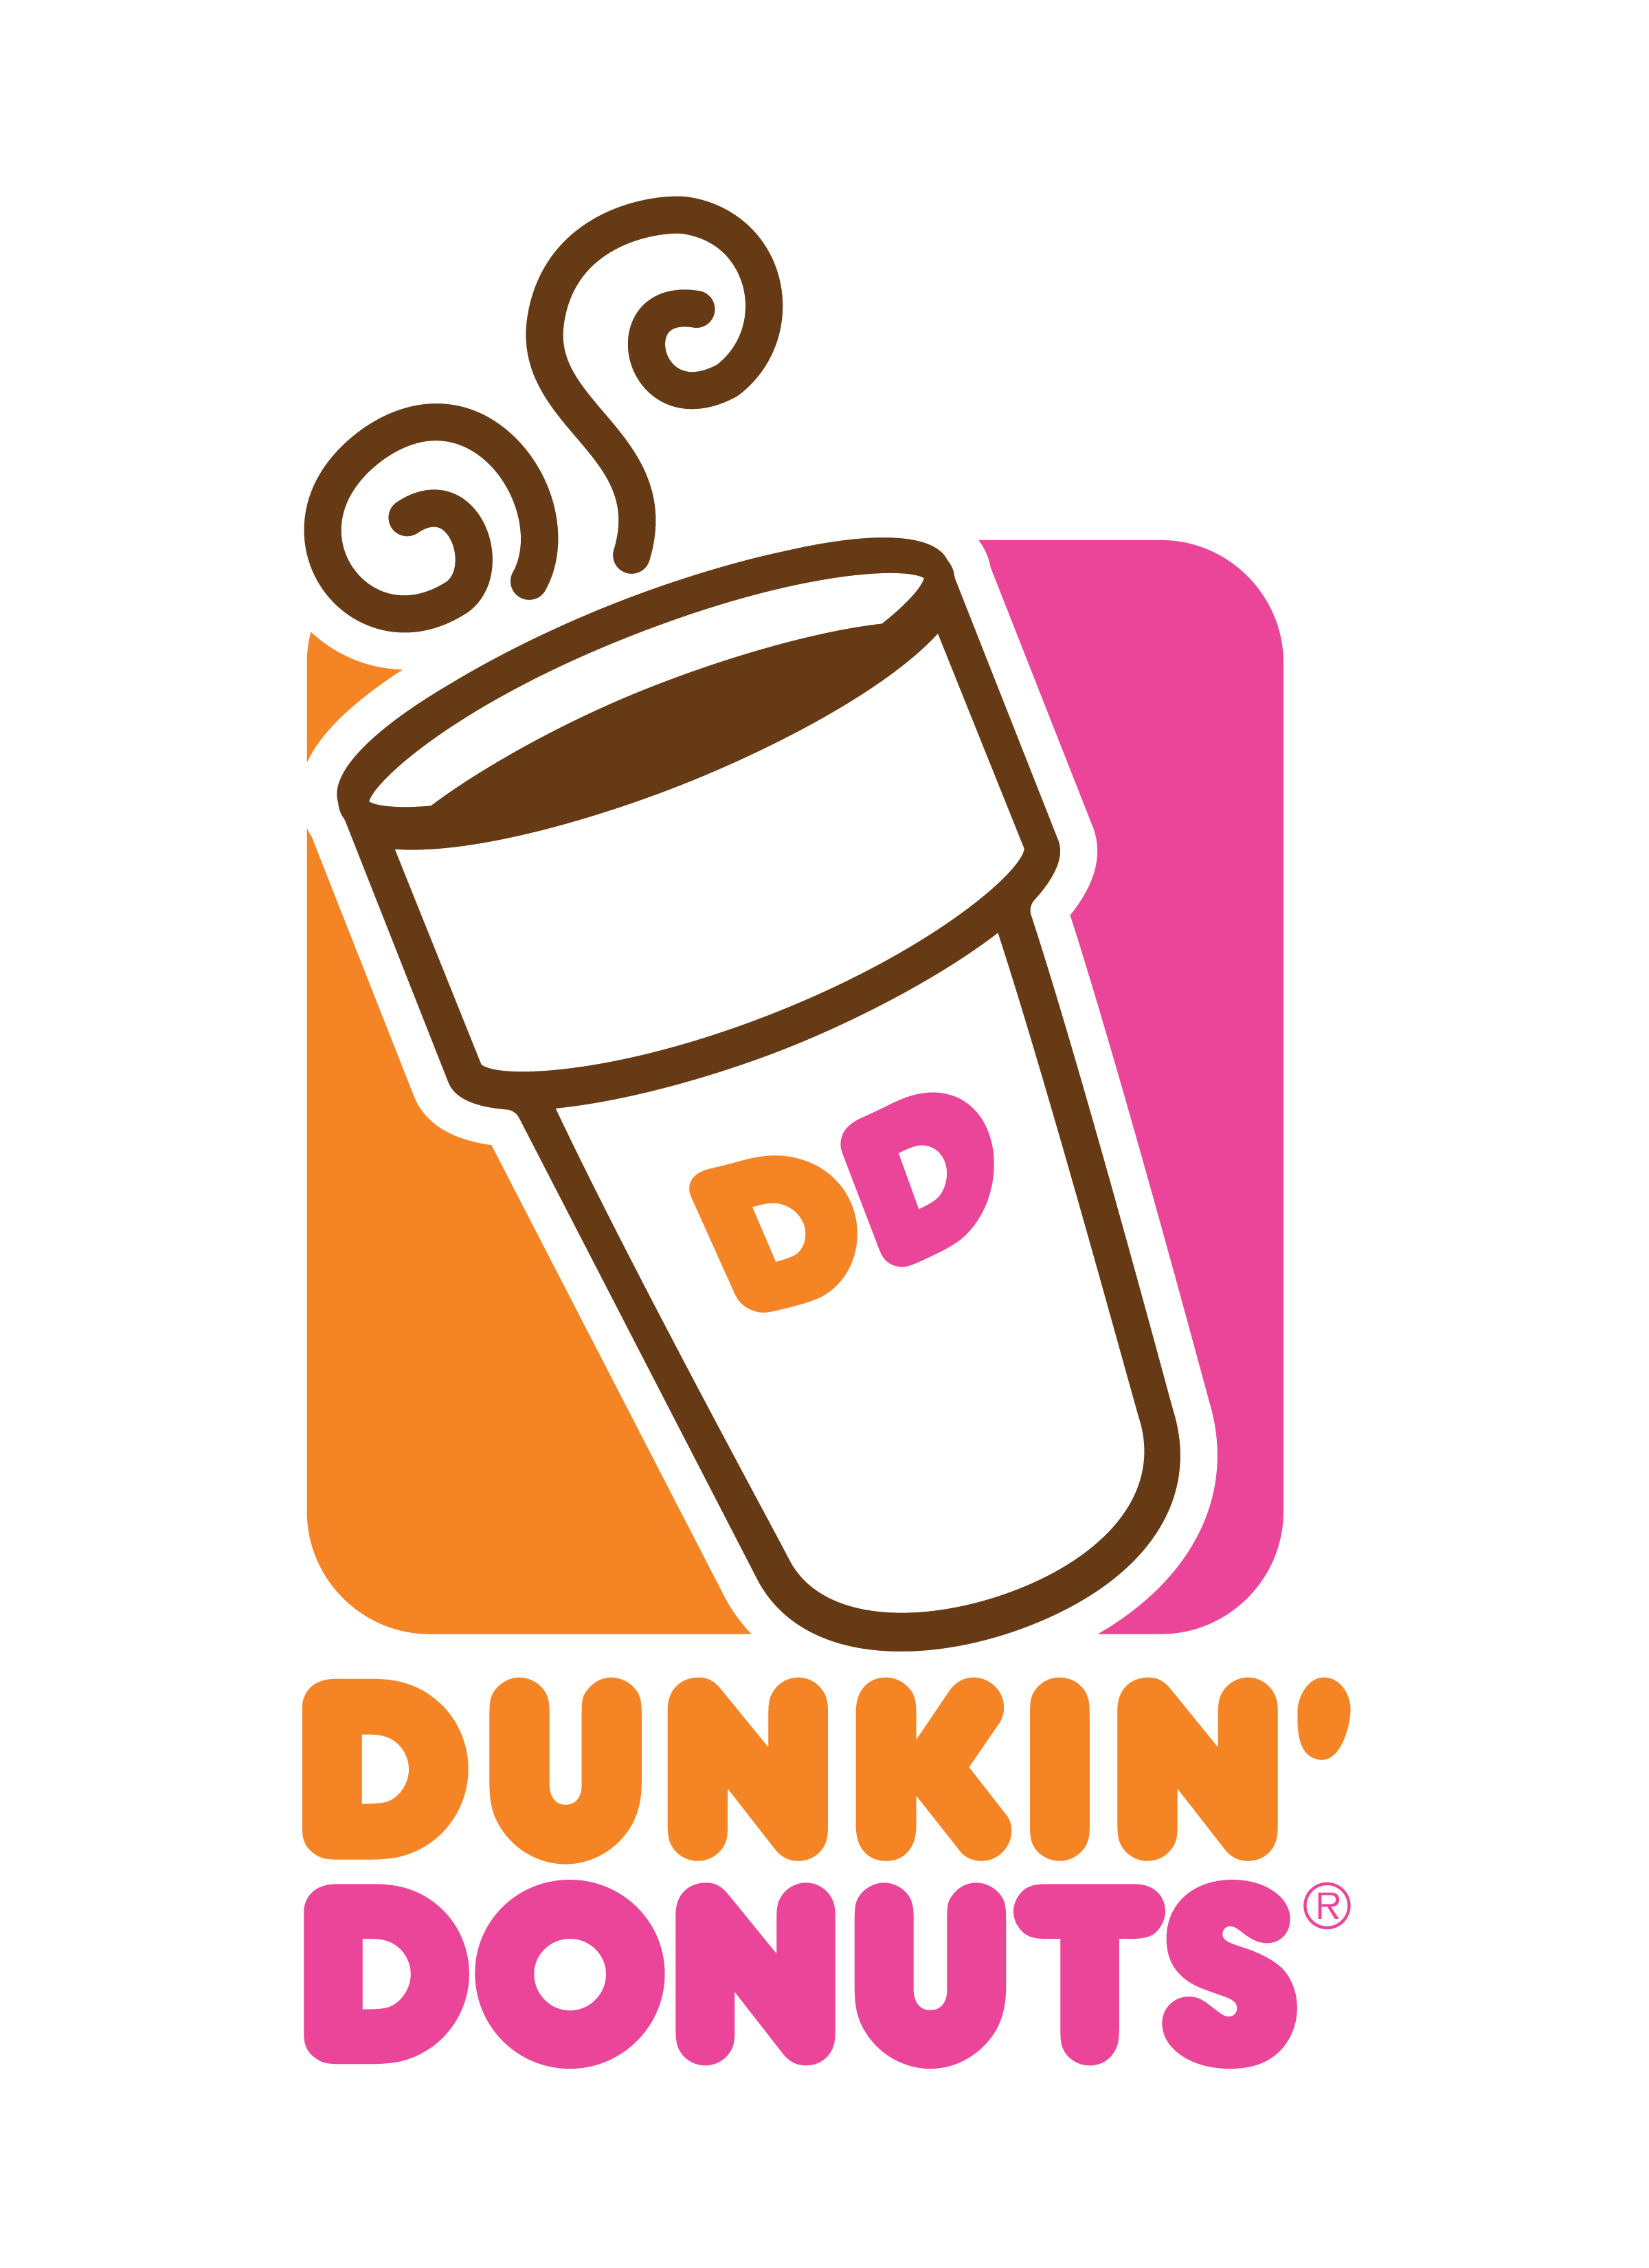 dunkin donuts png logo | Dunkin, Dunkin donuts, Dunkin dounuts